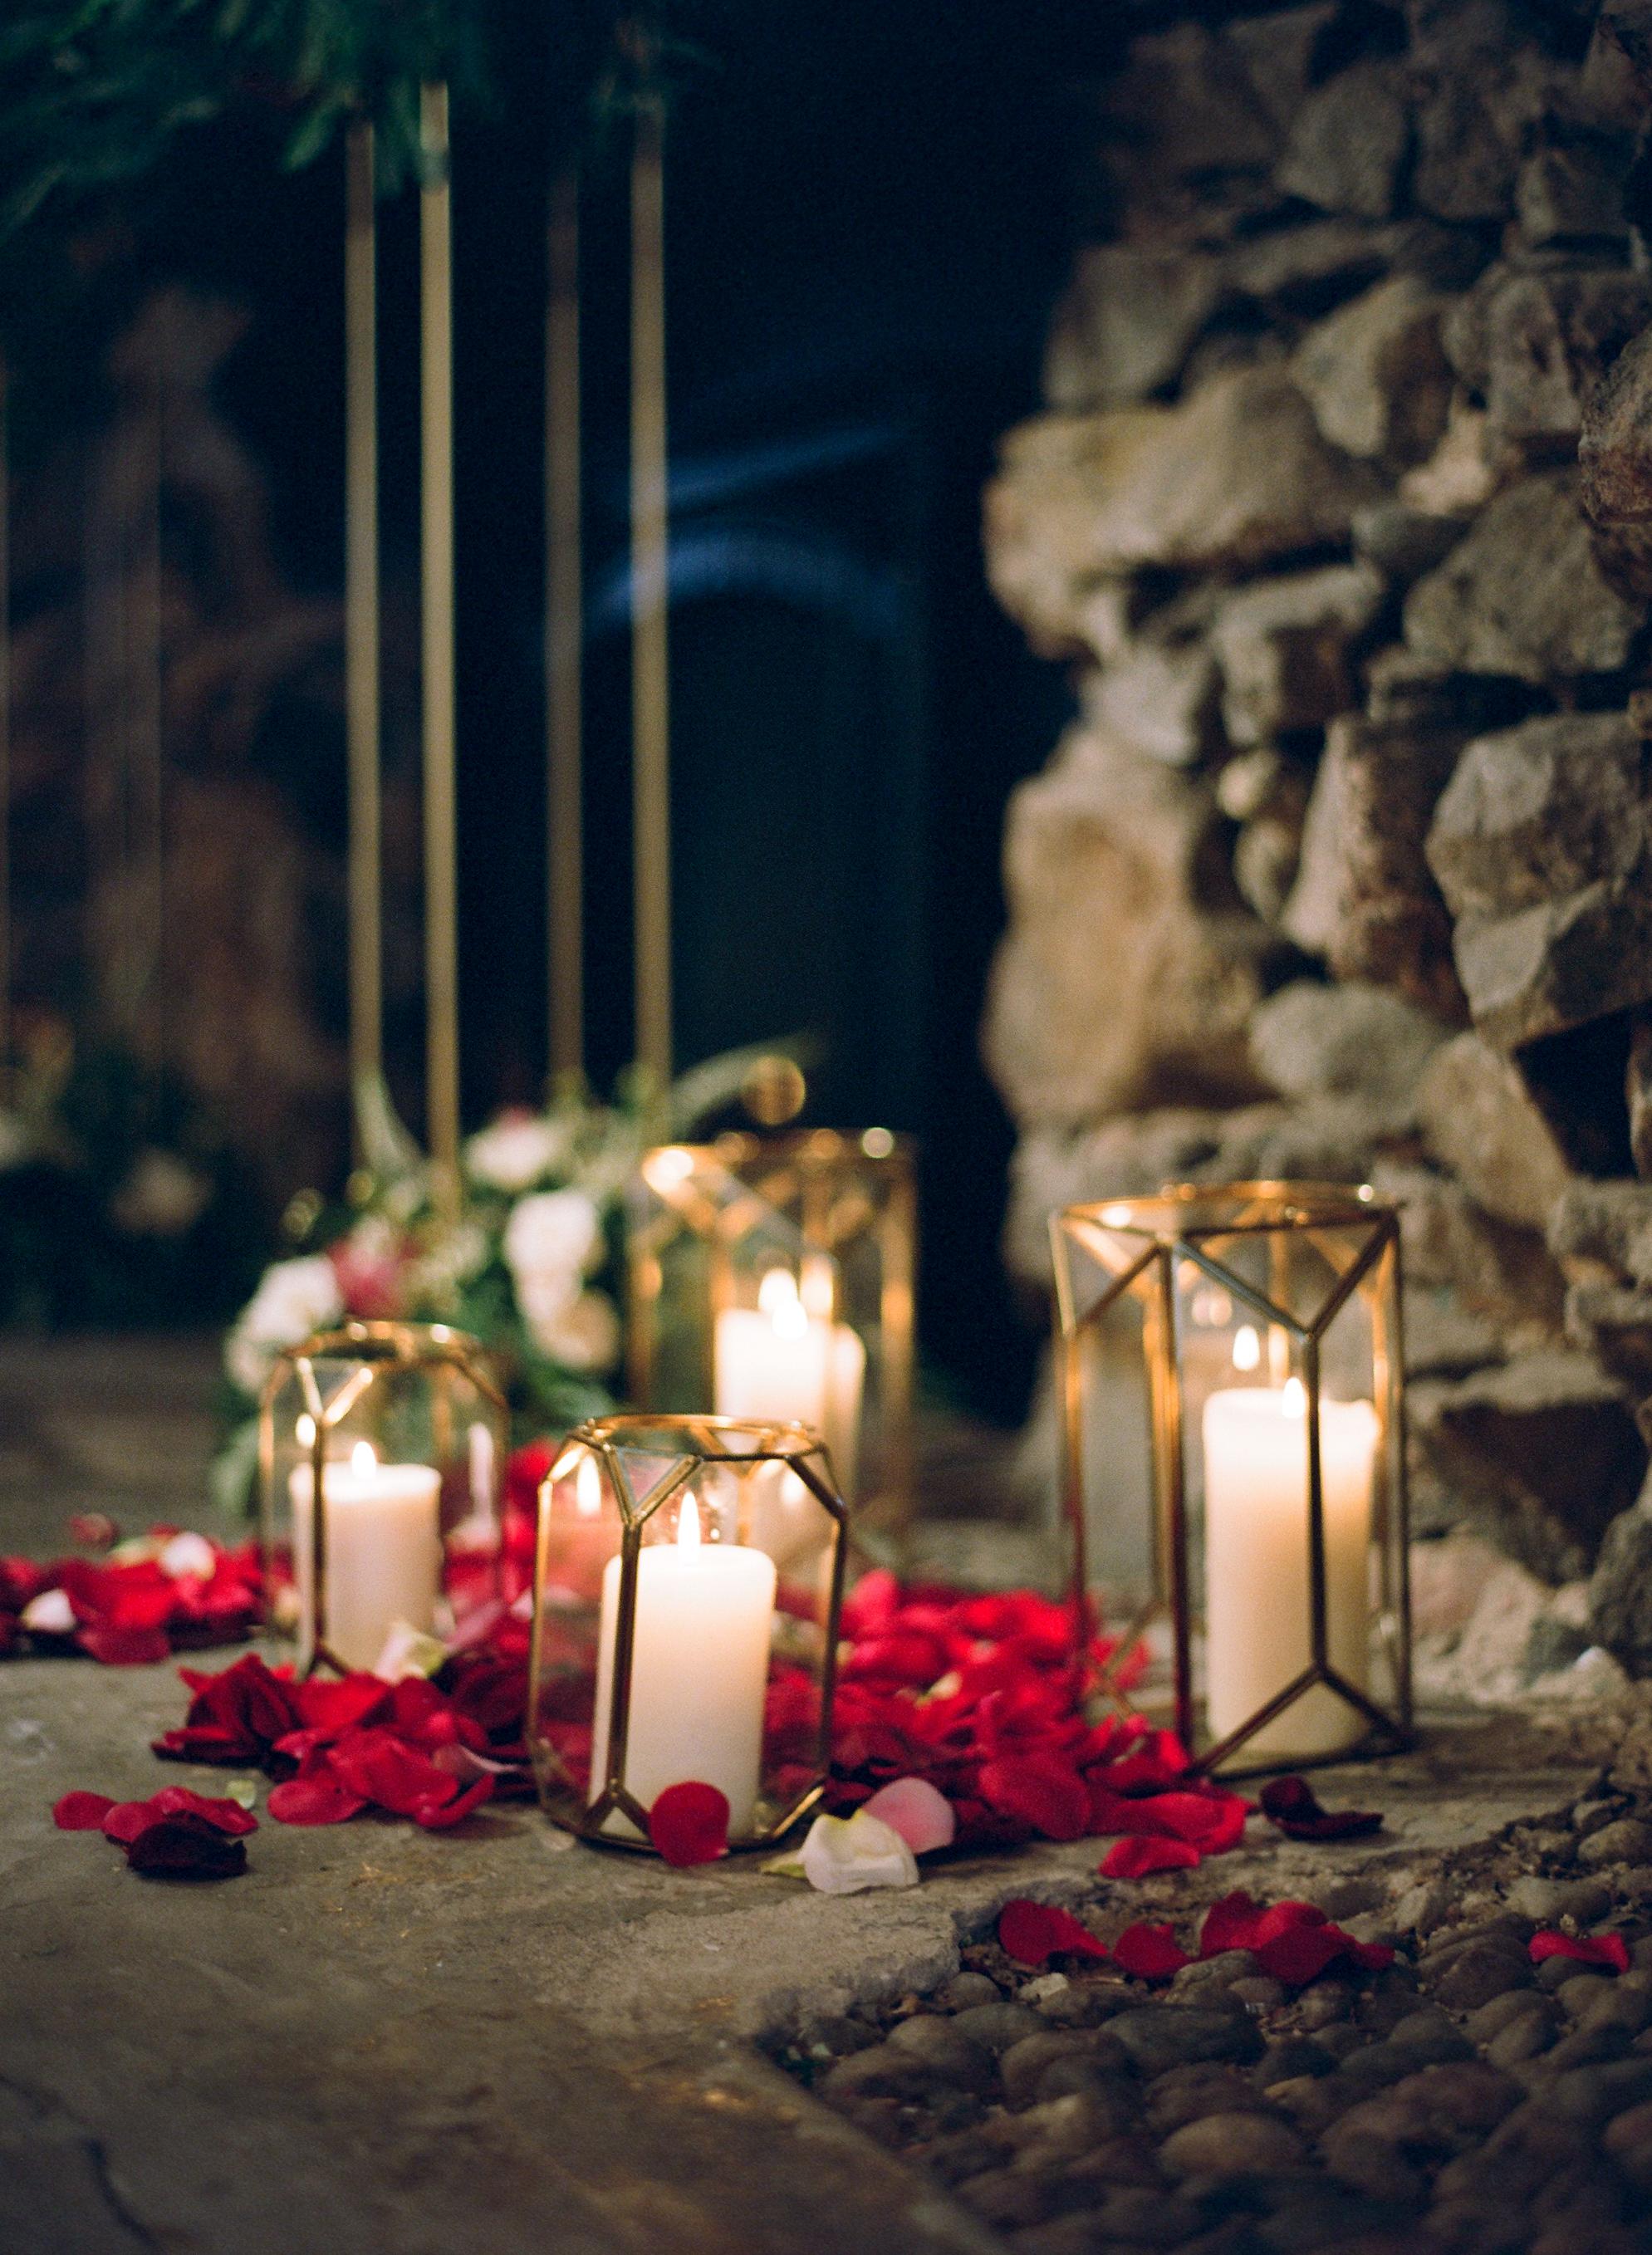 538-rothschild-pavilion-winter-wedding.jpg